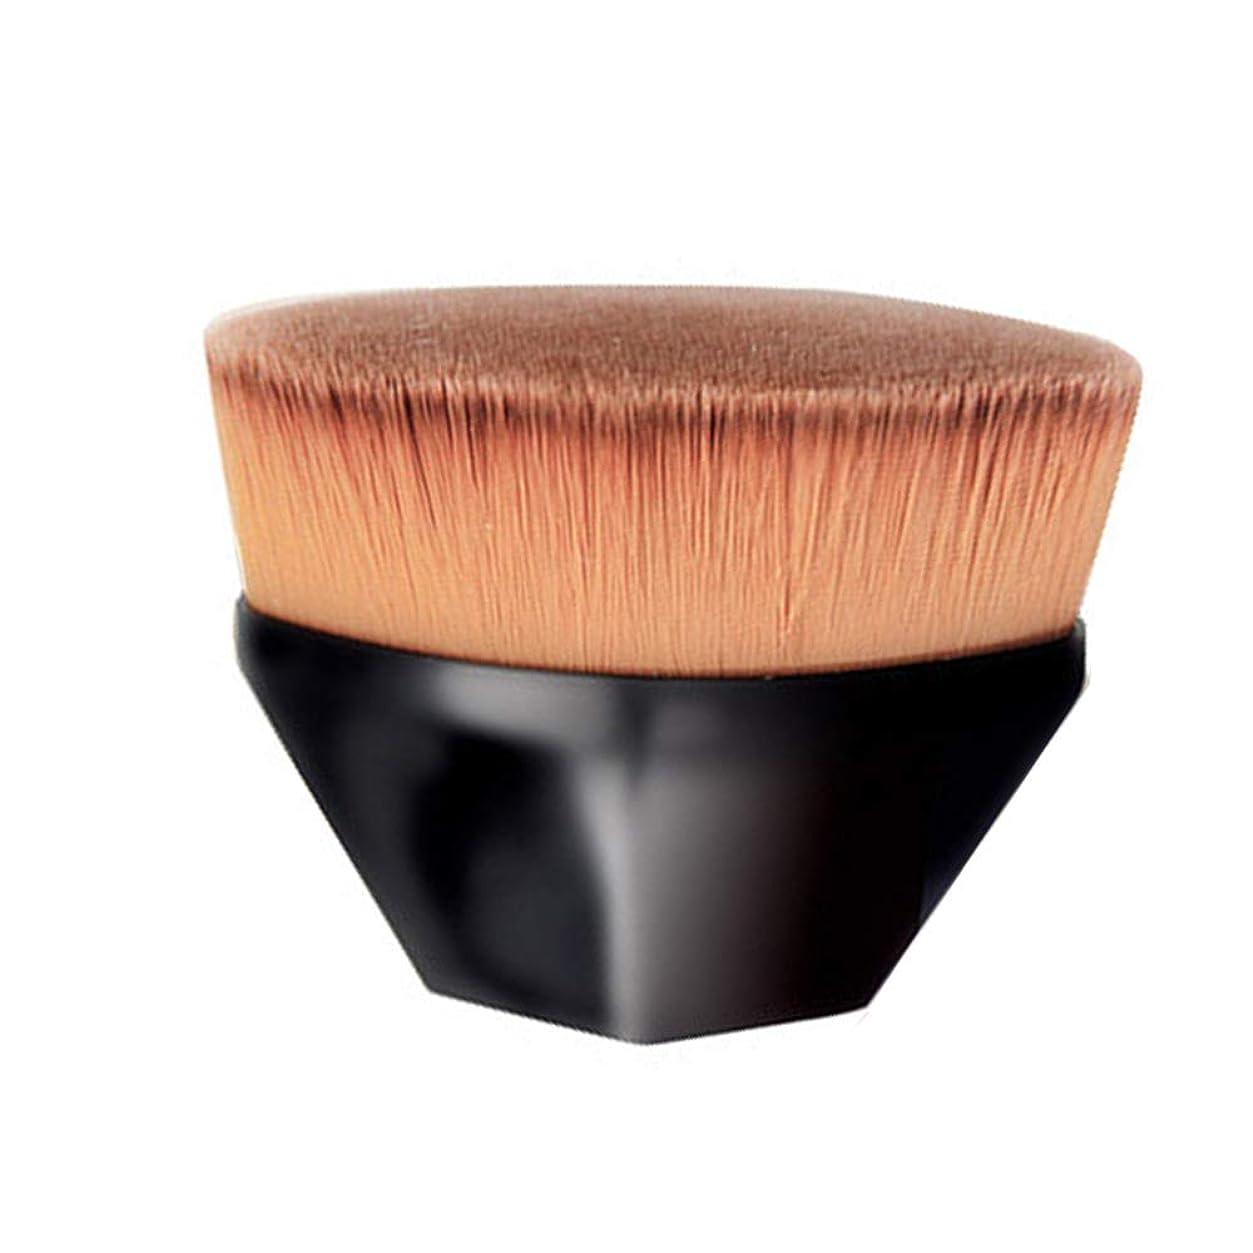 以前は石の侵略YuJiny メイクアップブラシ 粧ブラシ 可愛い 化粧筆 肌に優しい ファンデーションブラシ アイシャドウブラシ 携帯便利 (ブラック)